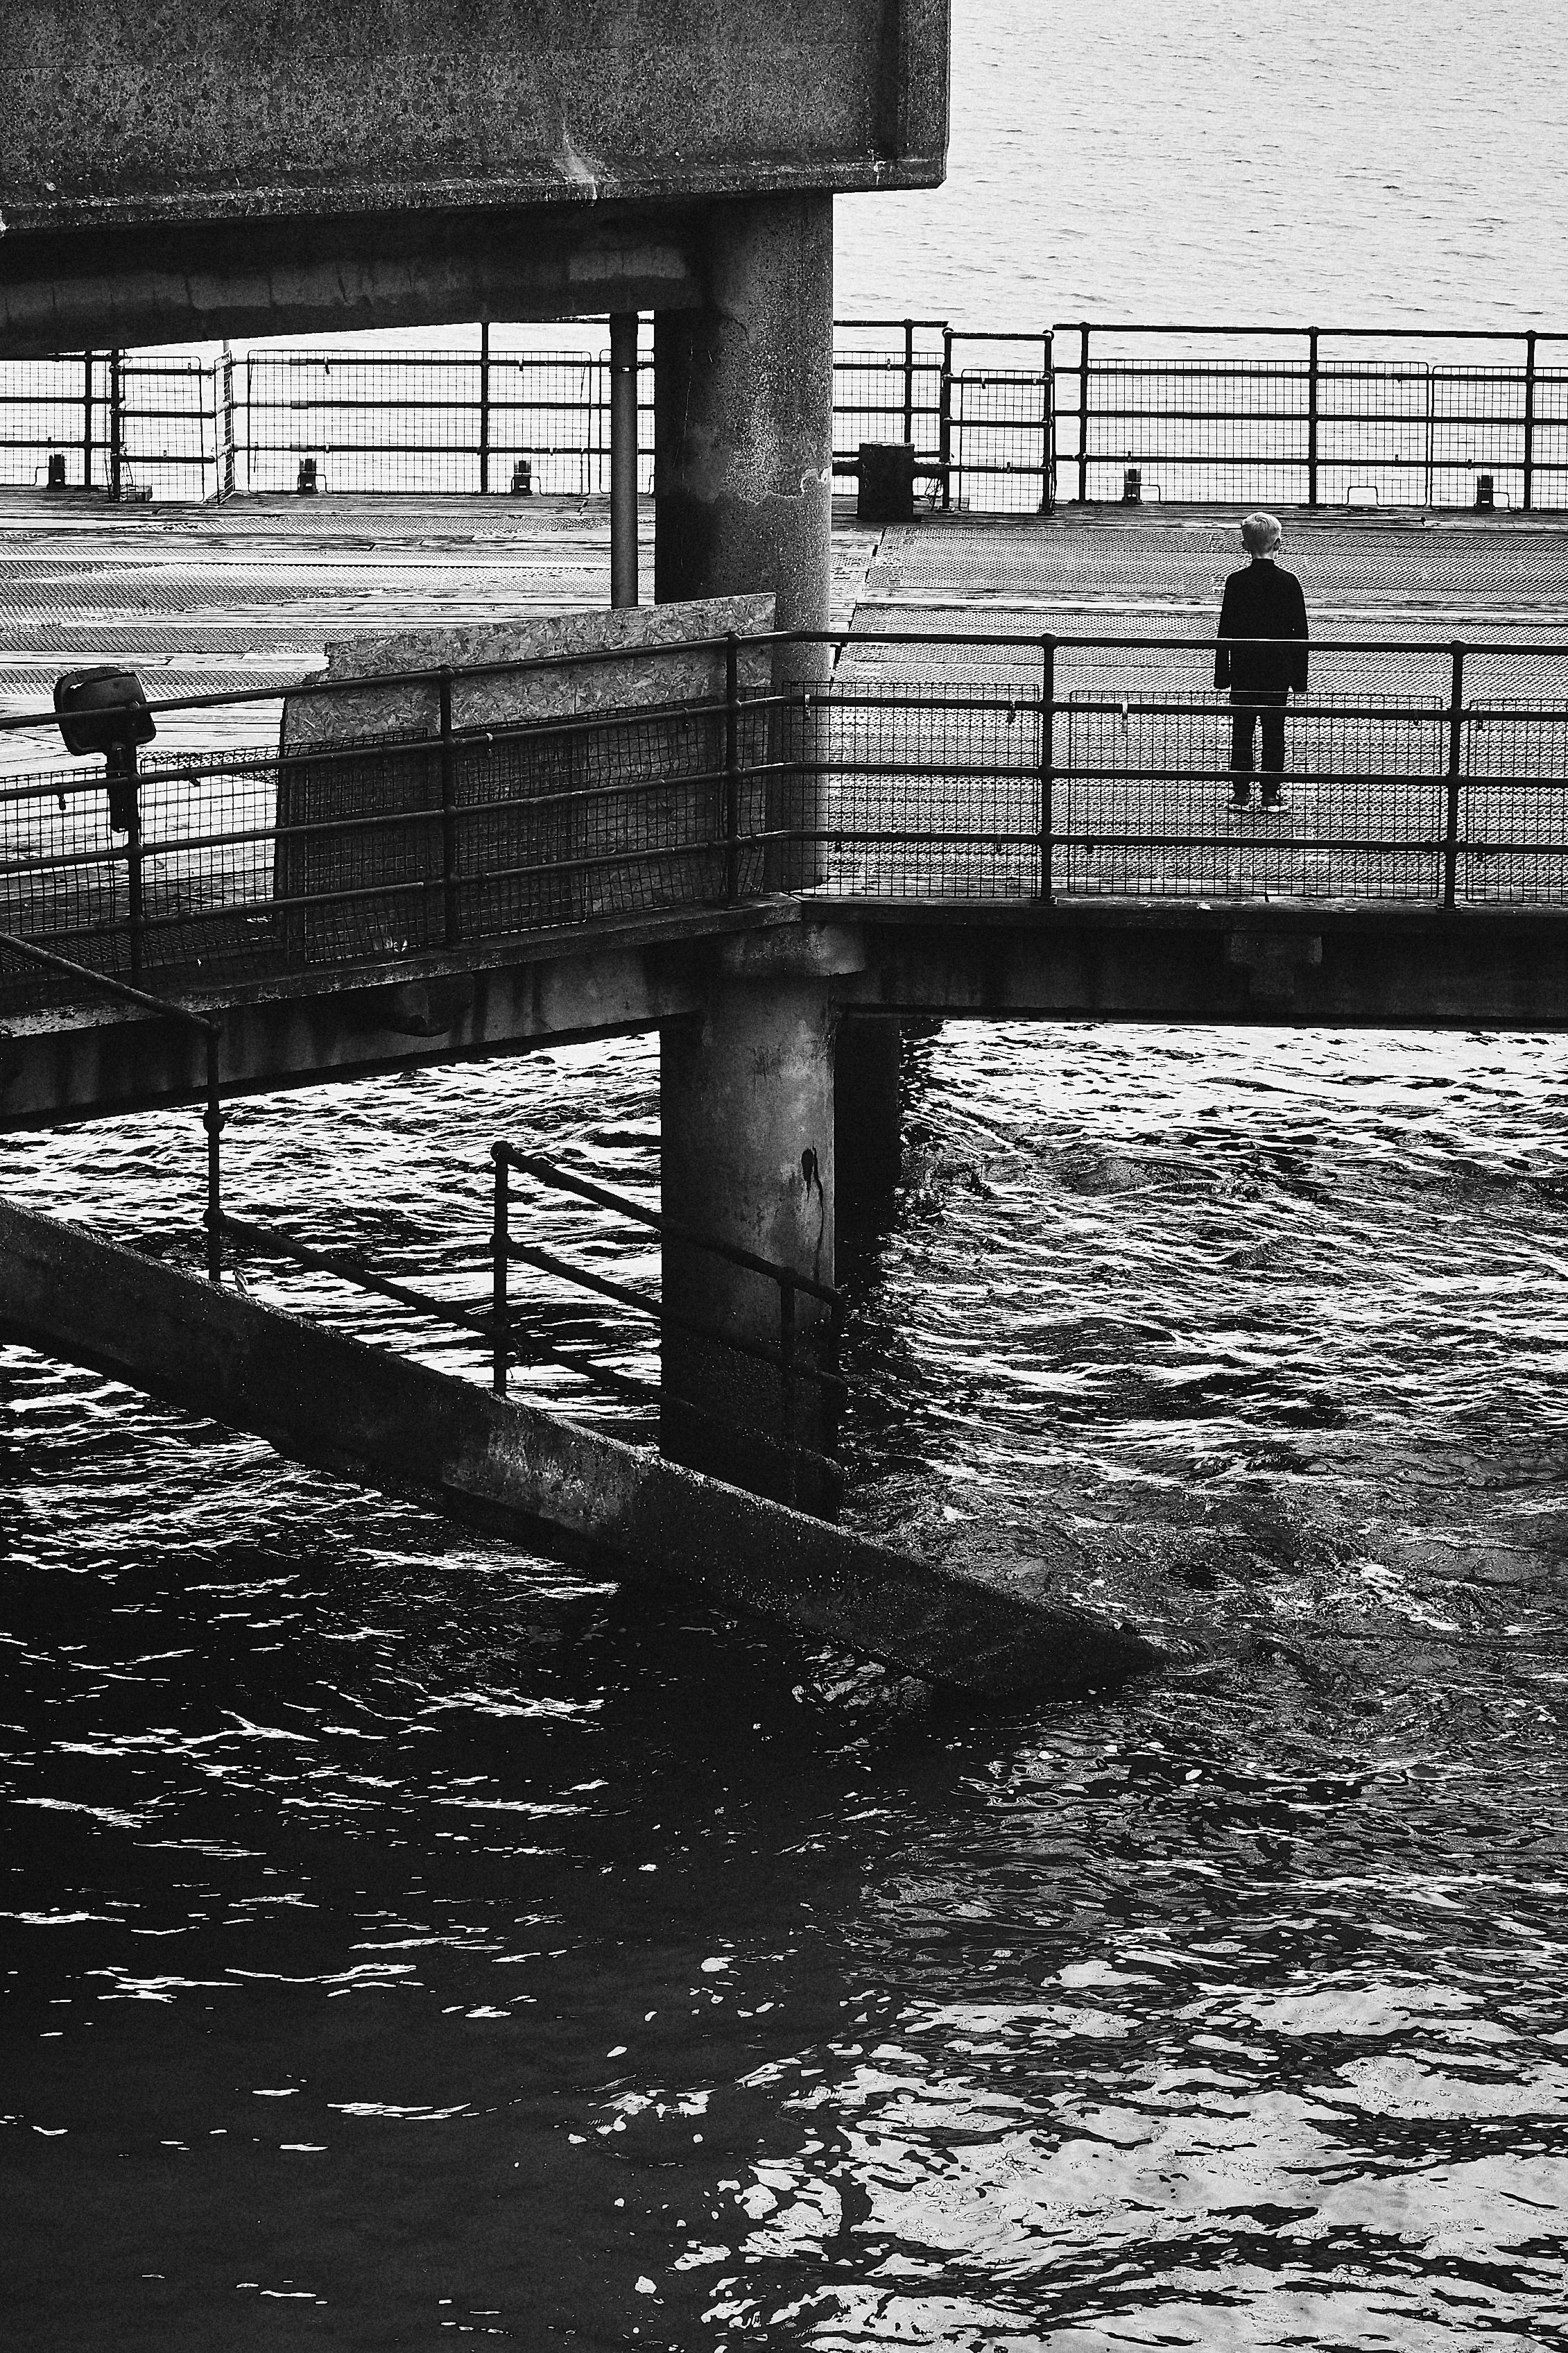 Ramsgate_16_04_19_0054.jpg